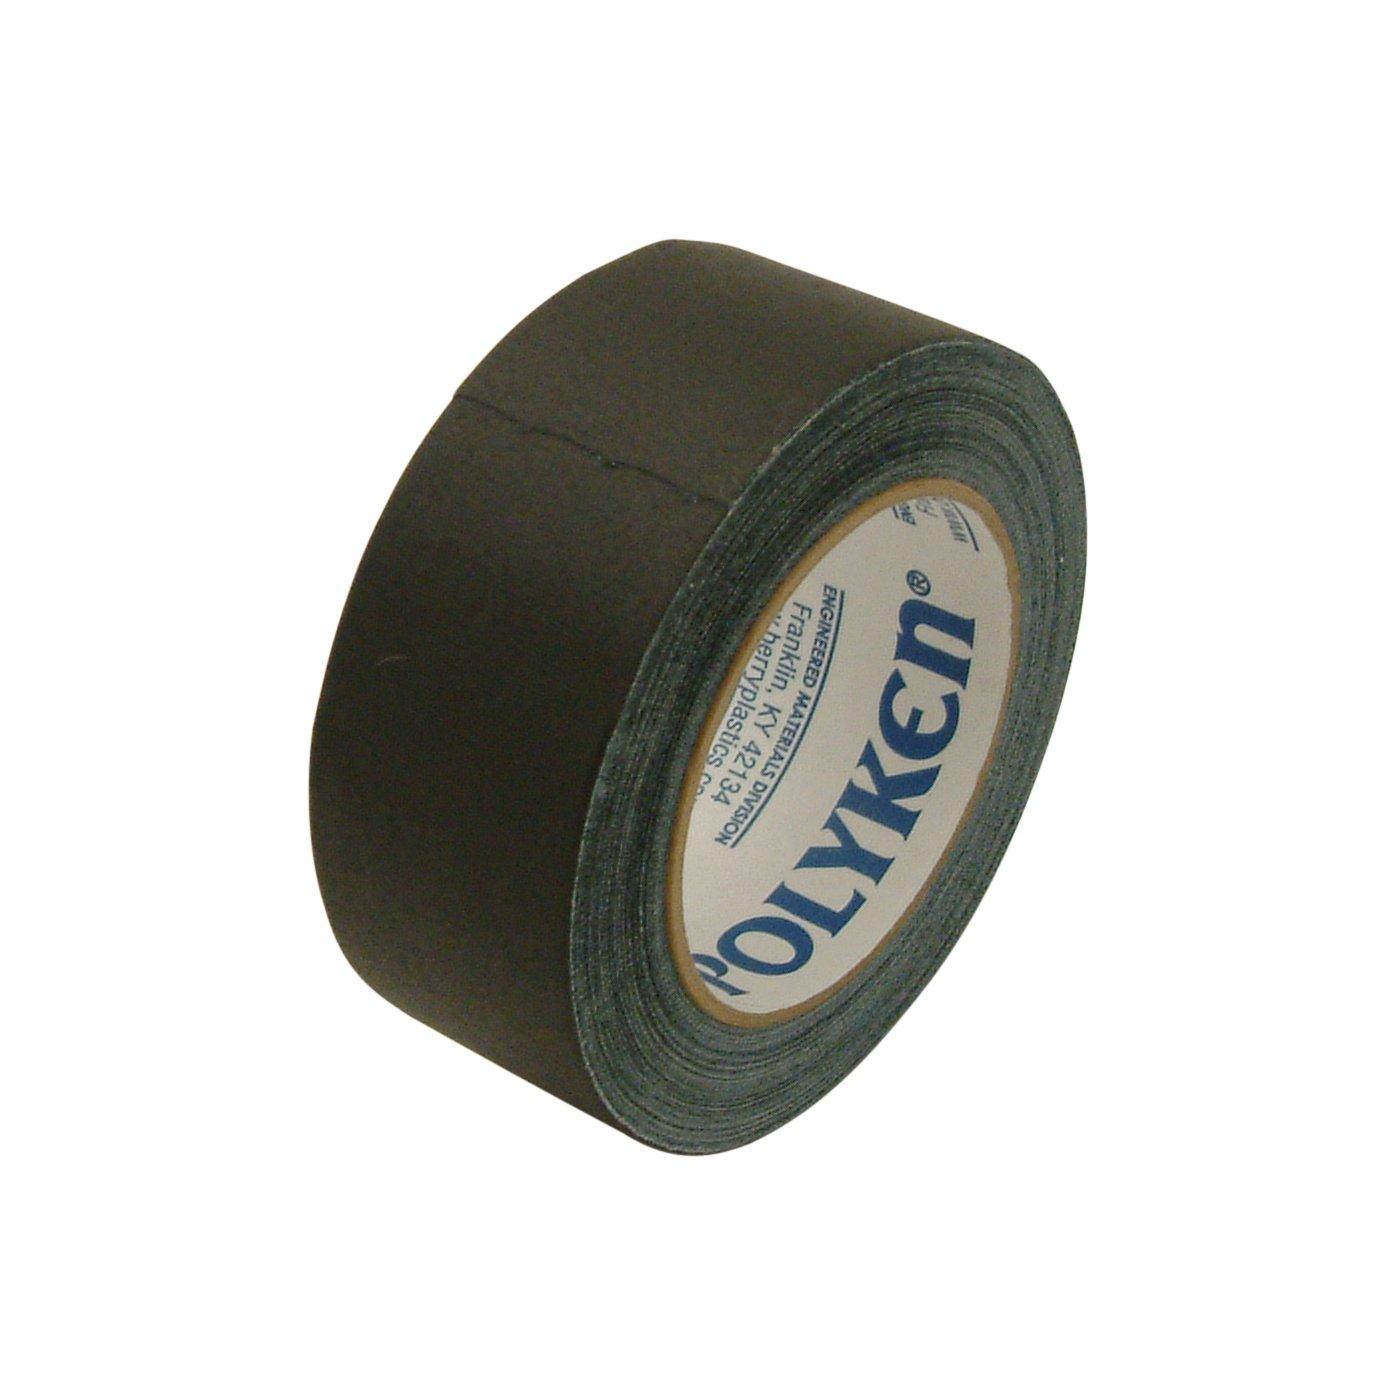 Polyken 510/BLK225 510 Premium Grade Gaffers Tape: 2'' x 75 ft.